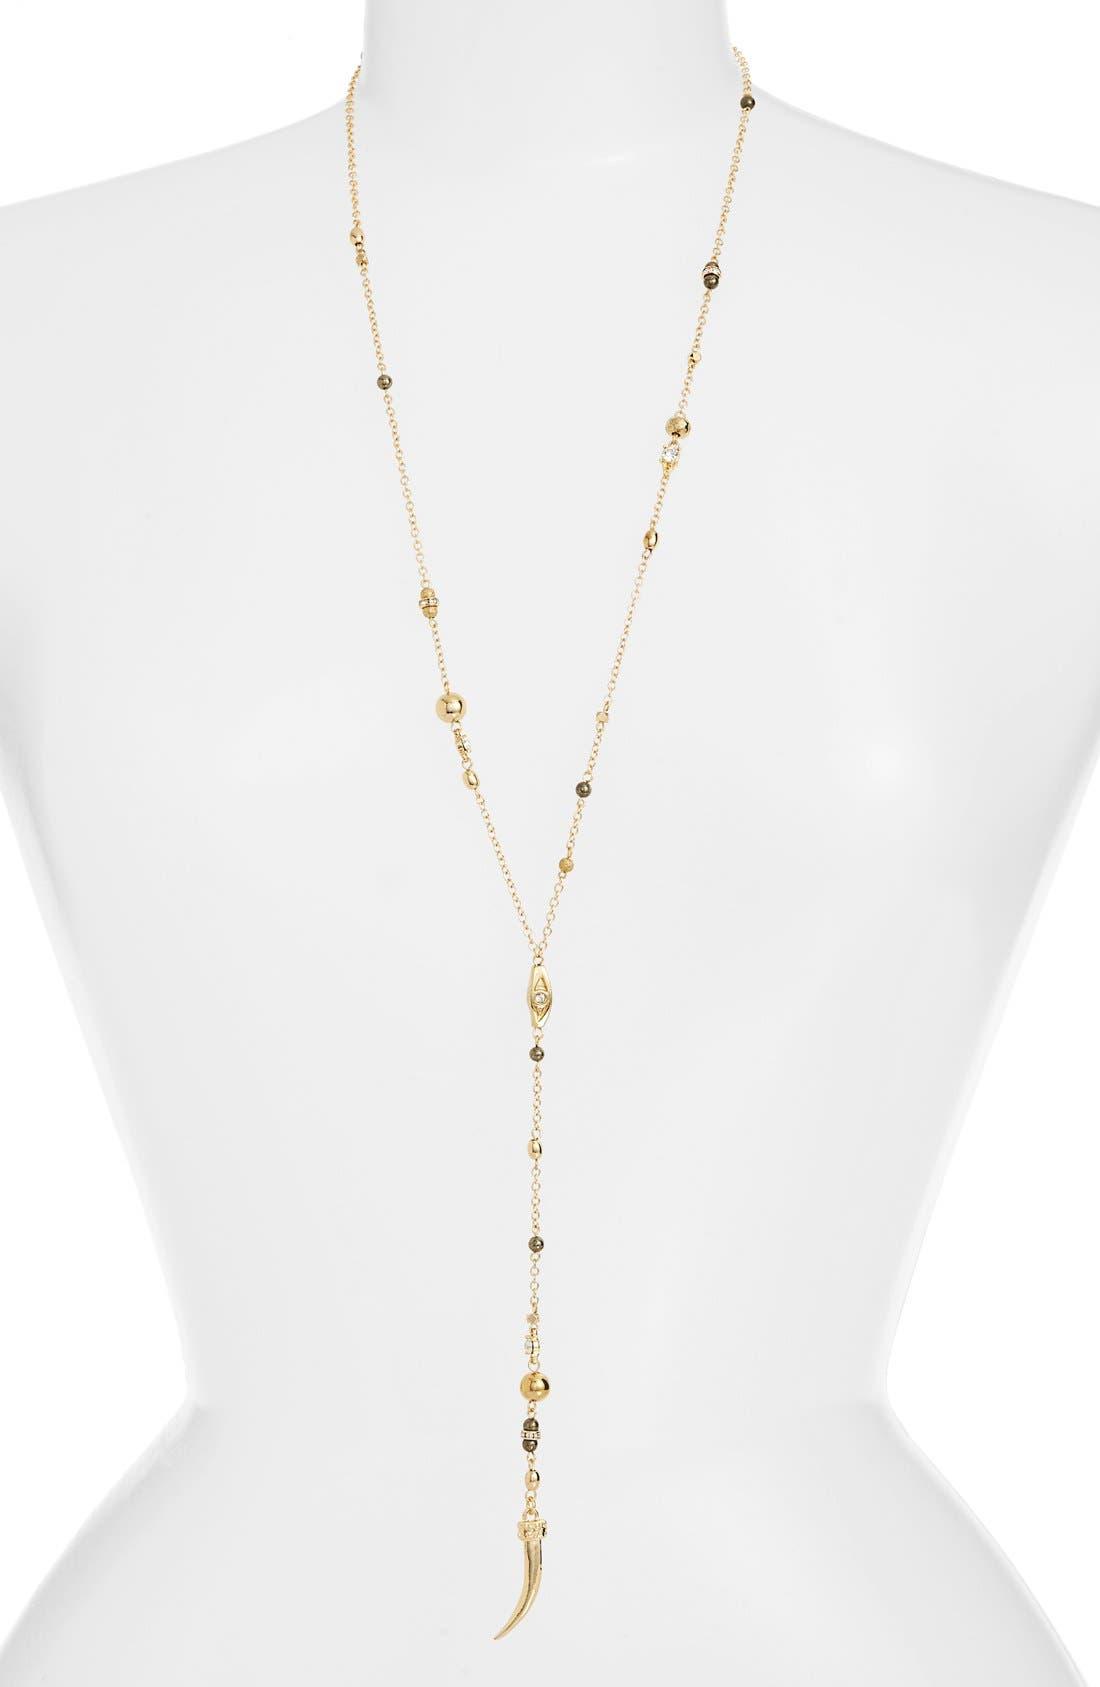 Main Image - Ettika Beaded Tooth Necklace